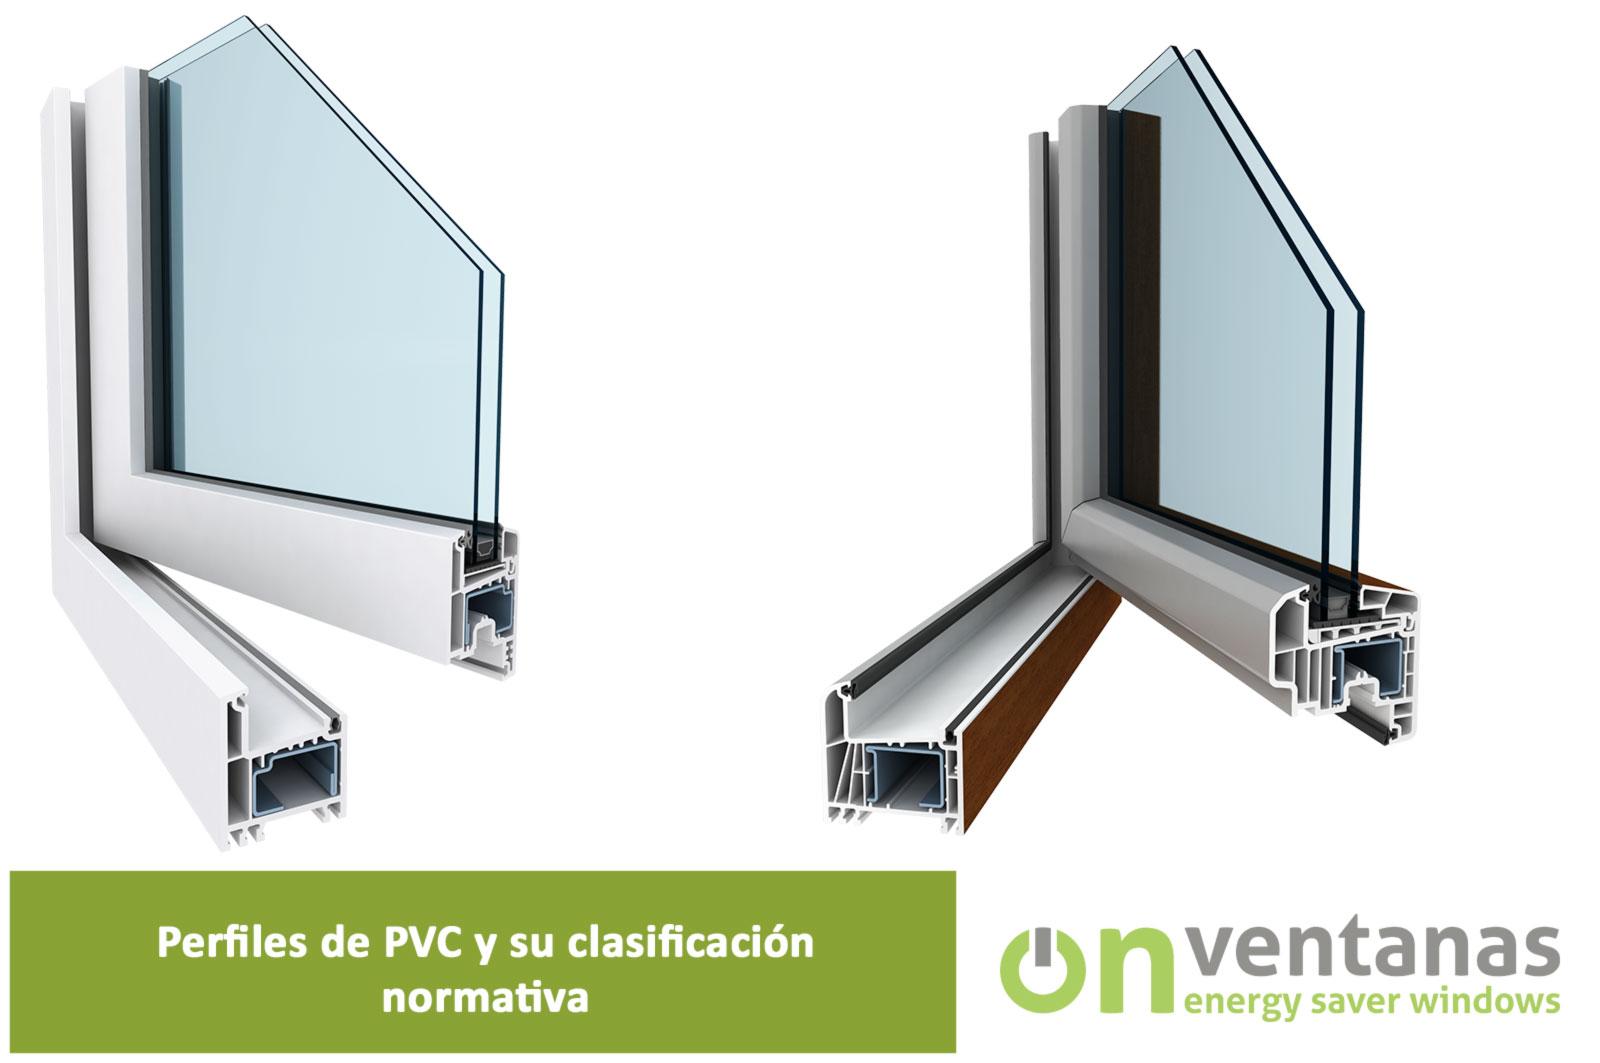 Perfiles PVC clasificación normativa